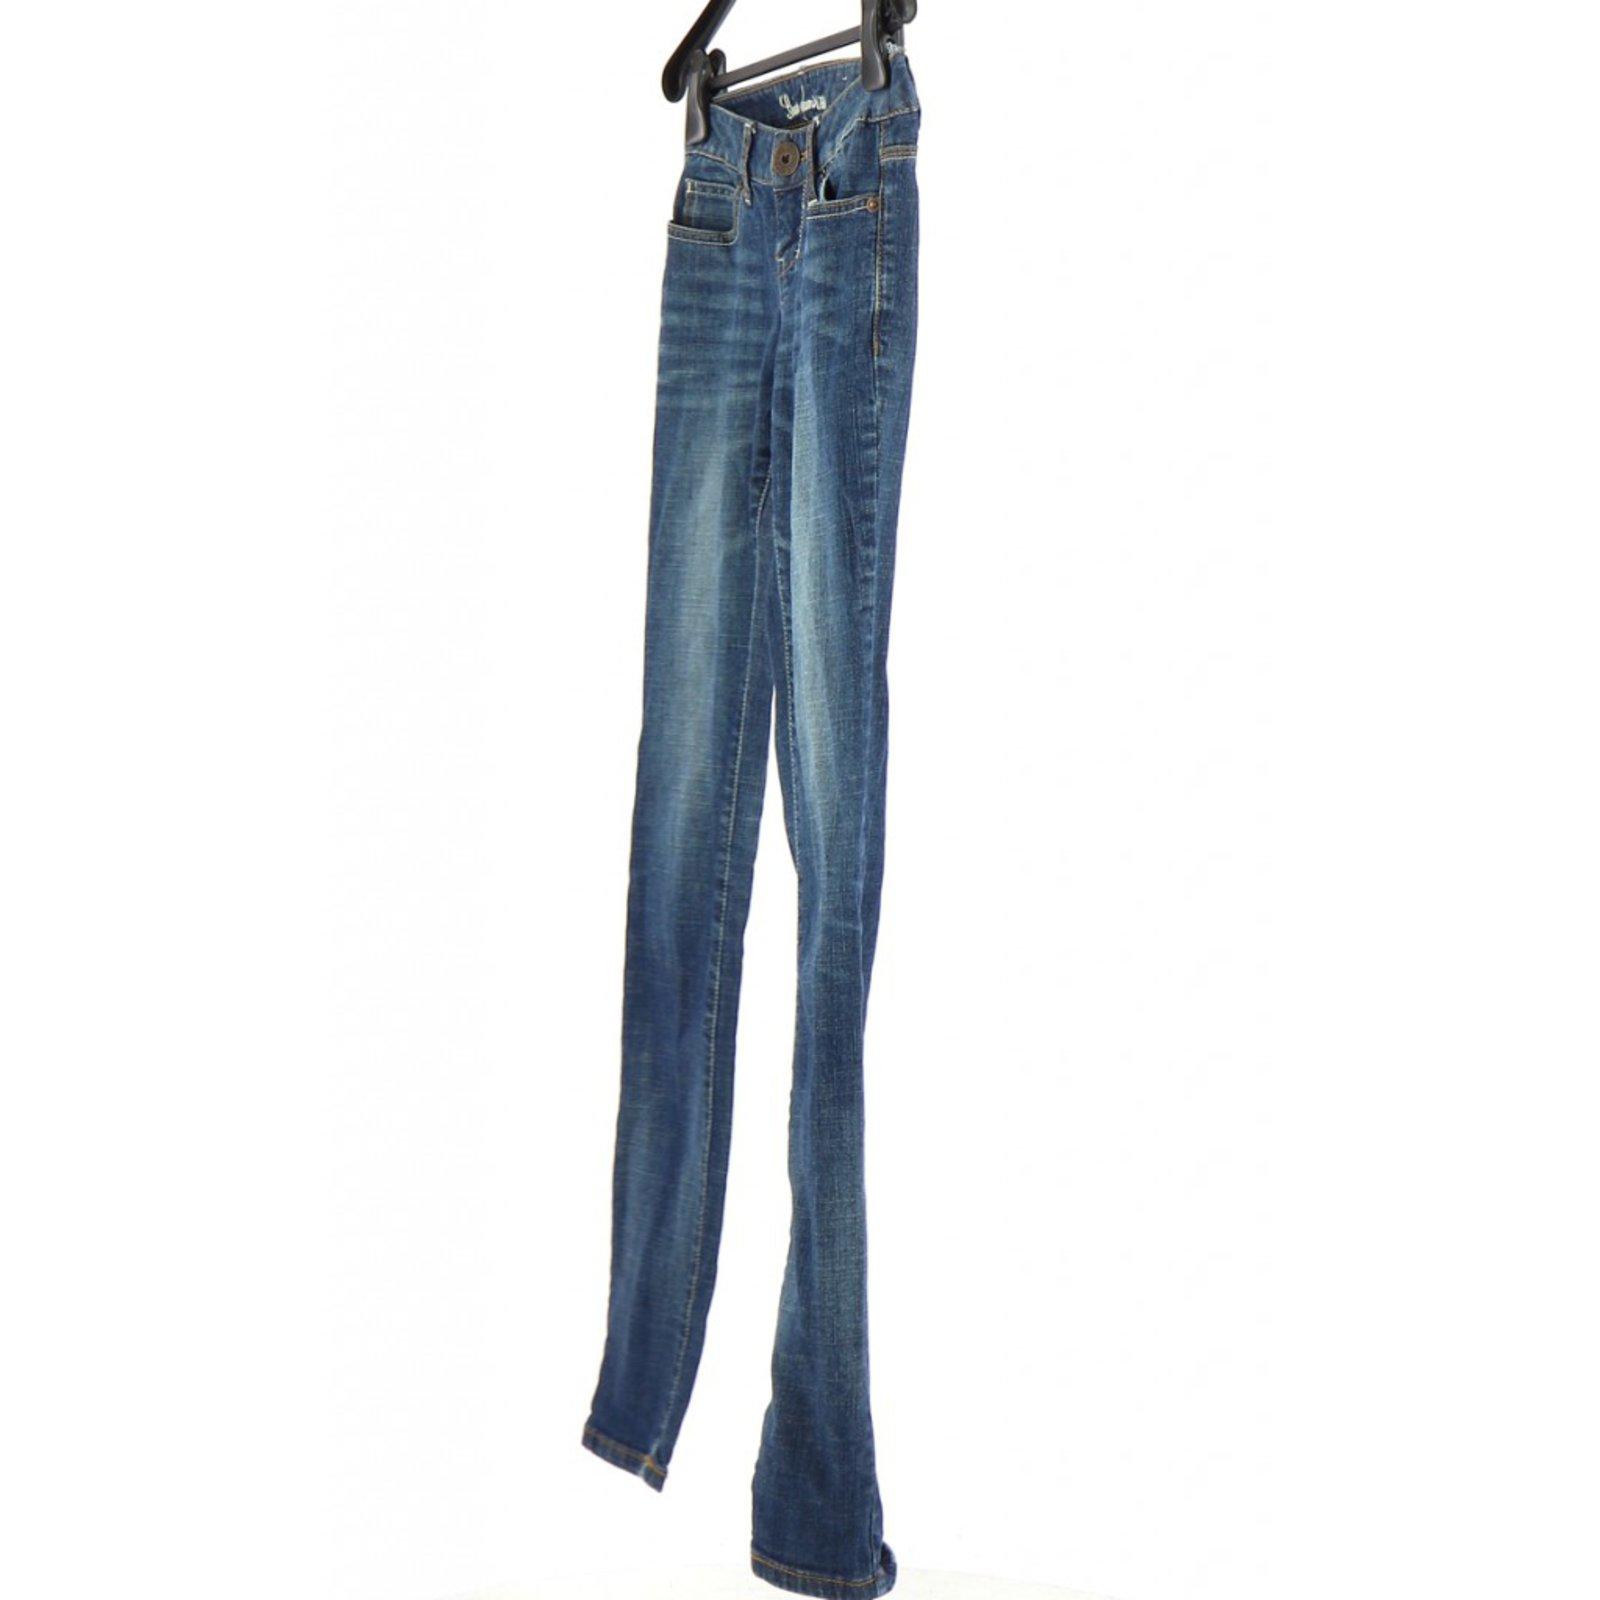 68cb44f2e583f Guess Jean Joli Closet Ref Jeans Marine 80995 Bleu OaxdW5wq